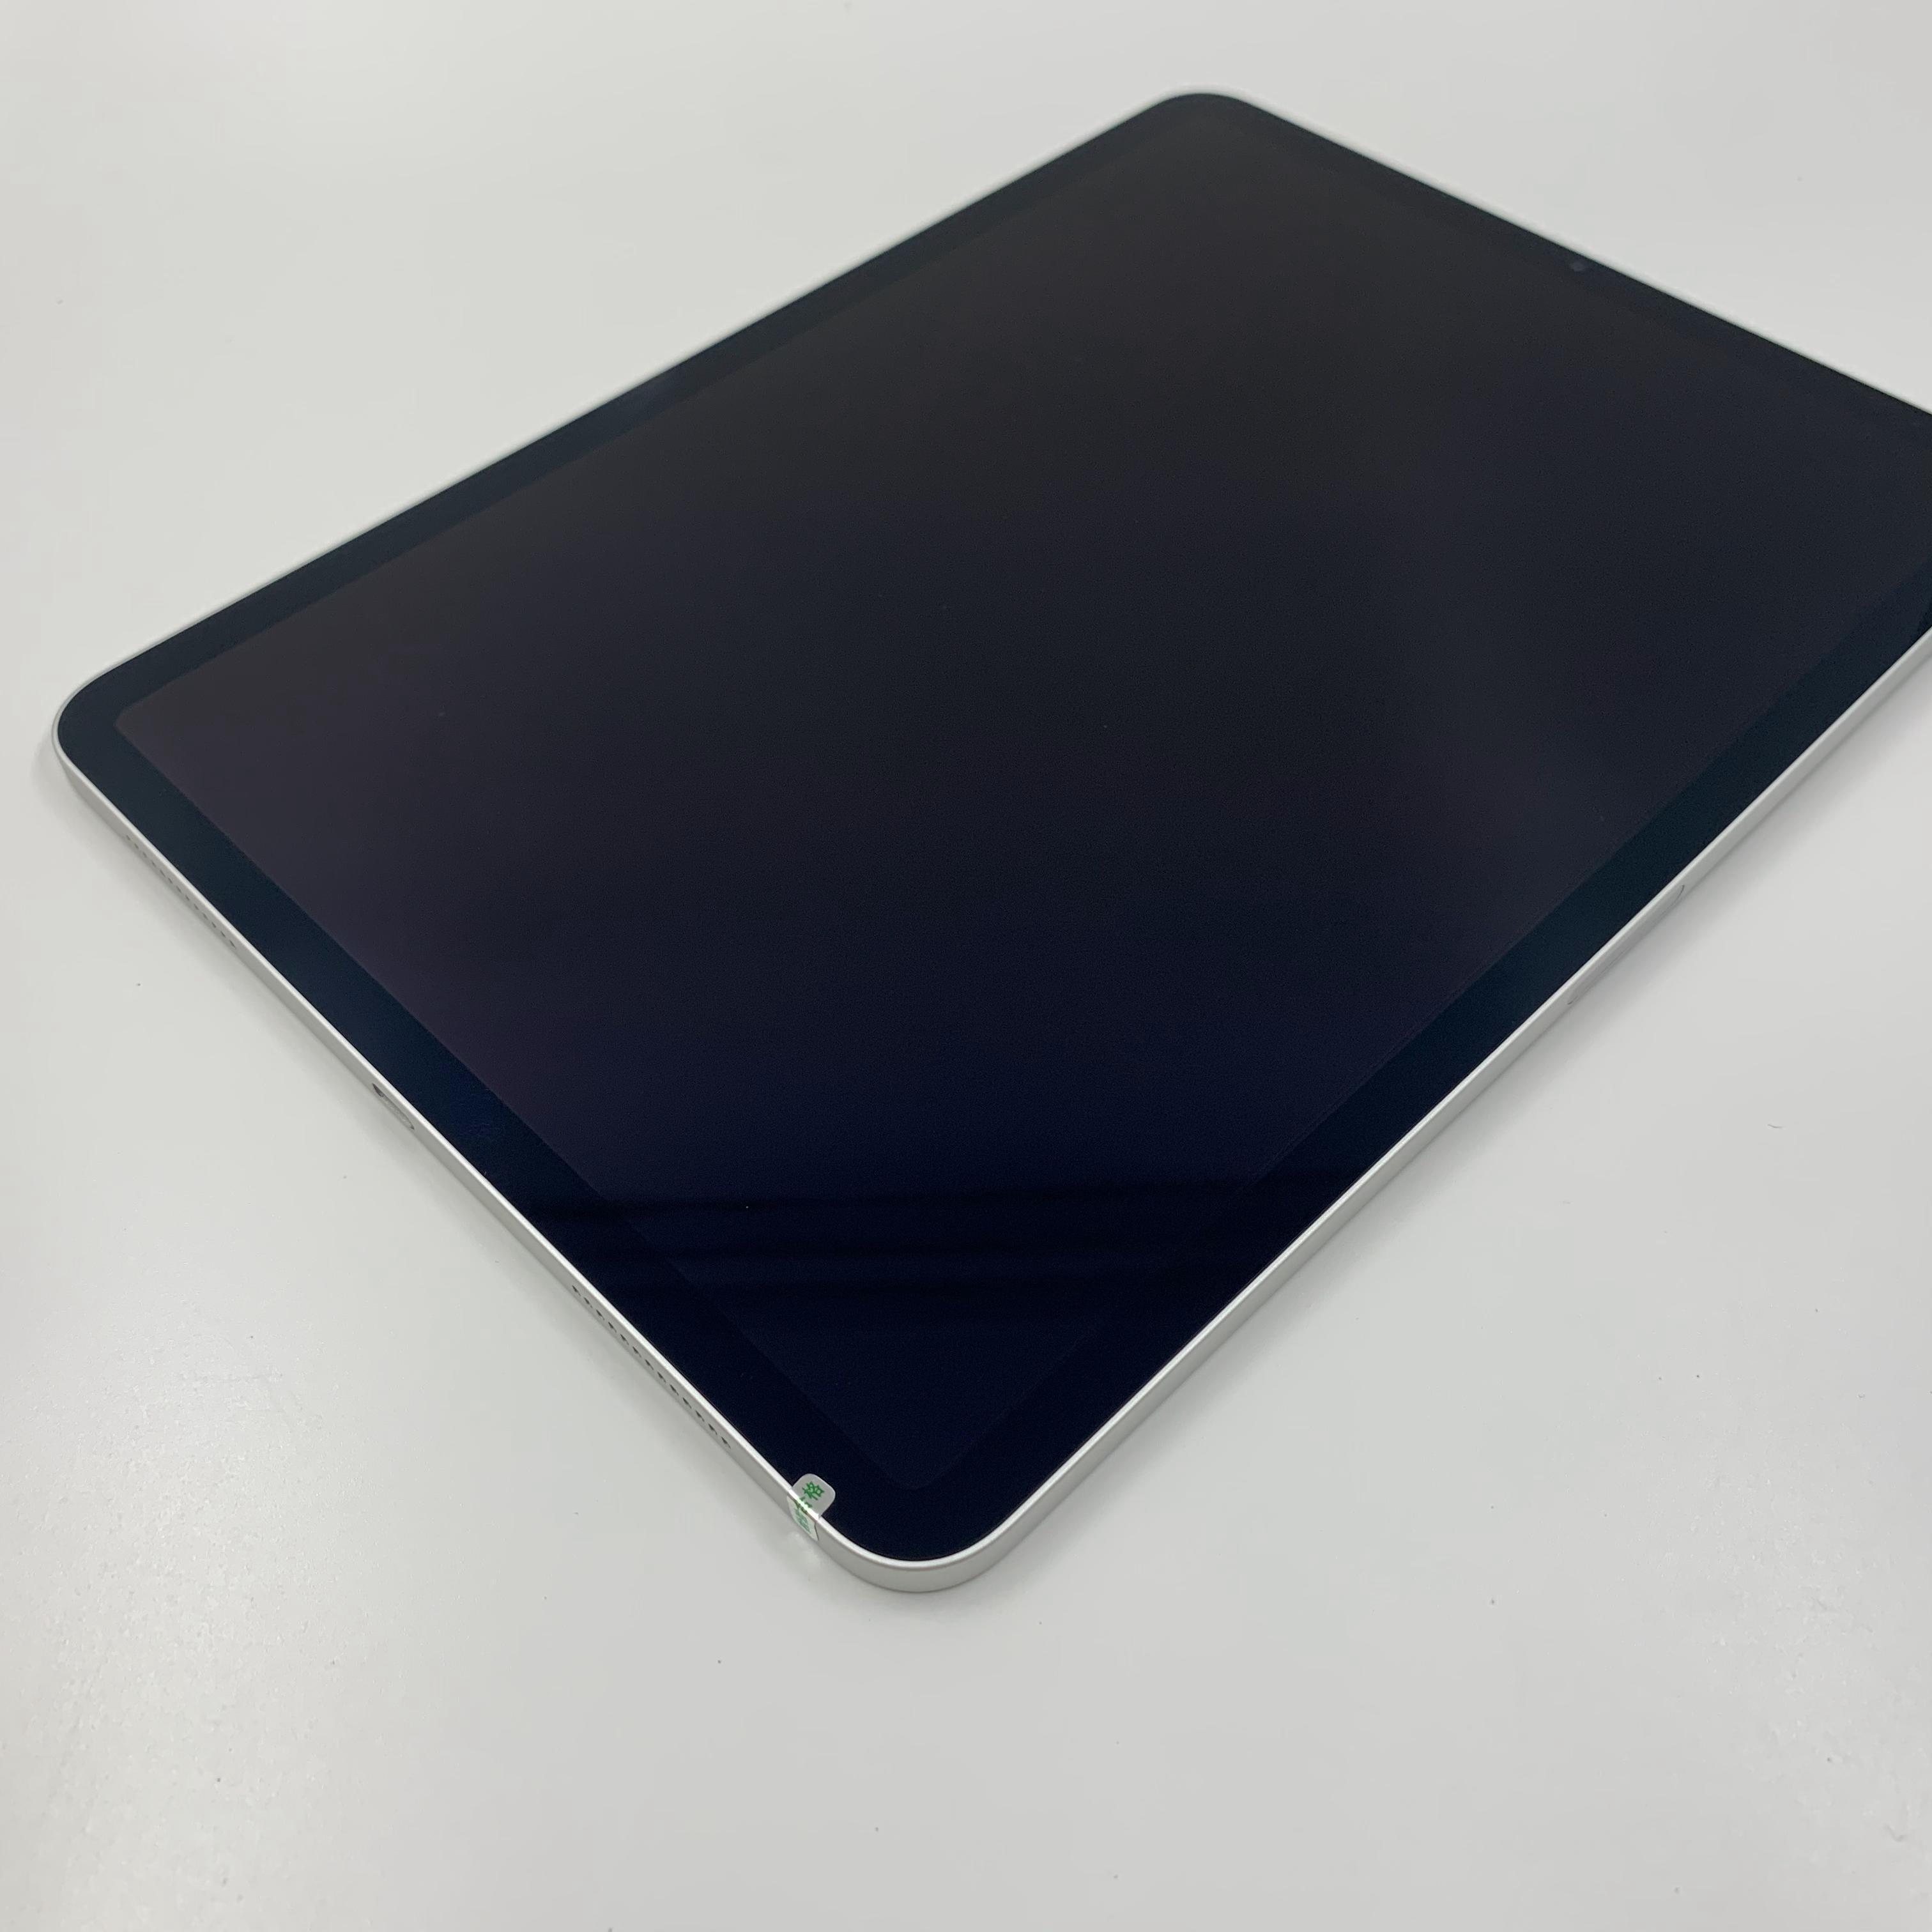 苹果【iPad Pro 11英寸  20款】WIFI版 银色 128G 国行 99新 真机实拍保修2021-11-13